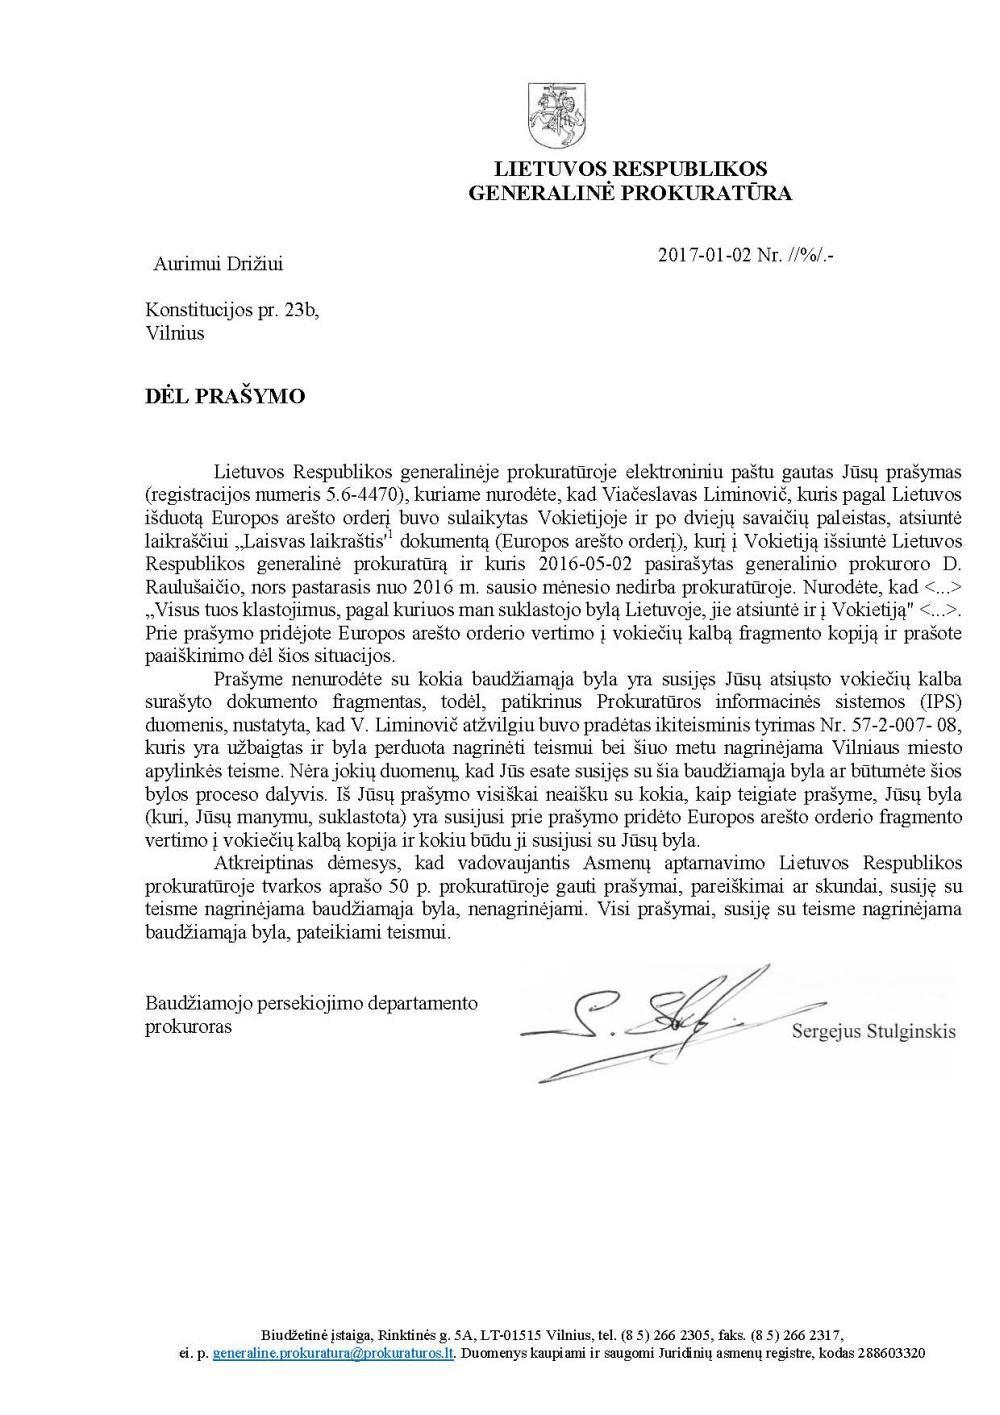 Generalinės prokuratūros atsakymas, kodėl ji klastoja net Vokietijos policijai siunčiamus tarptautinius arešto orderius